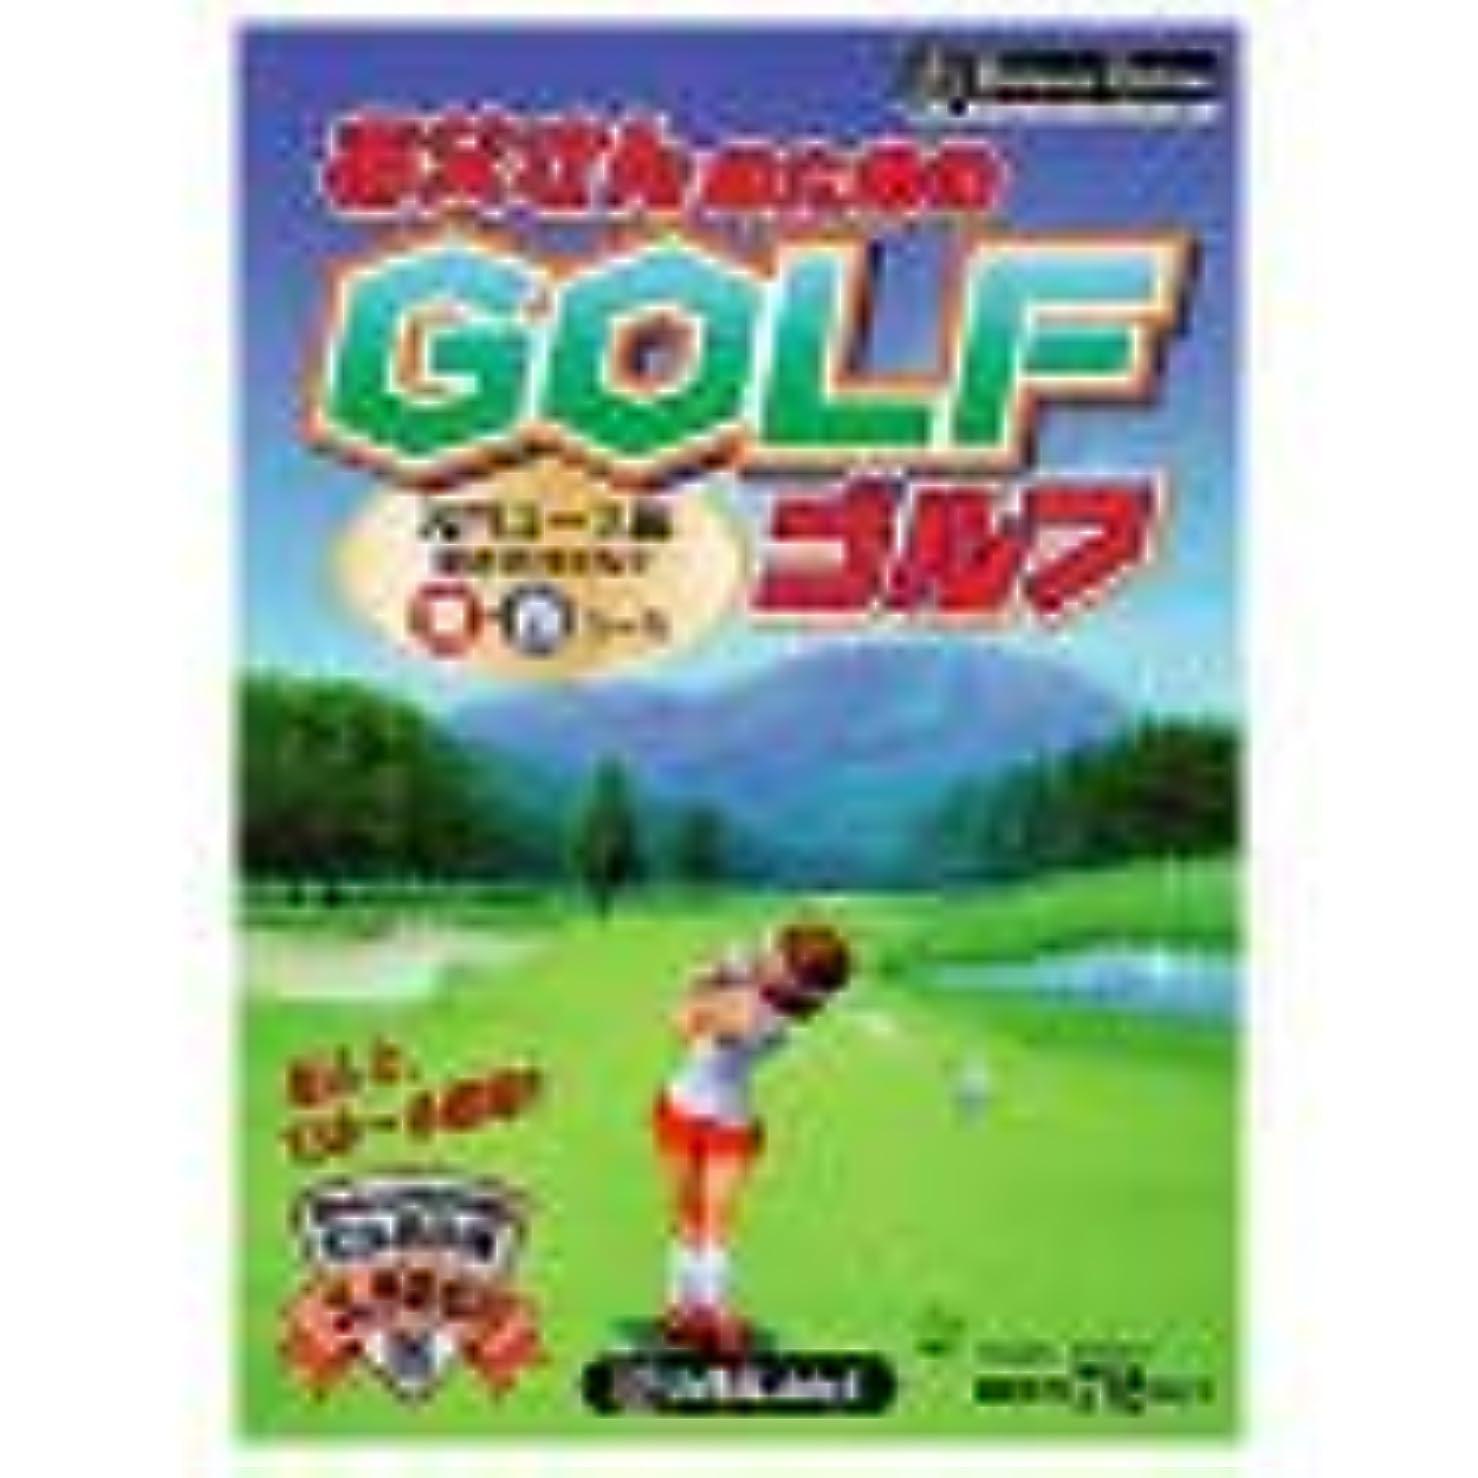 アスリート白鳥持参お父さんのためのGOLF 名門コース編 軽井沢72ゴルフ東?西コース